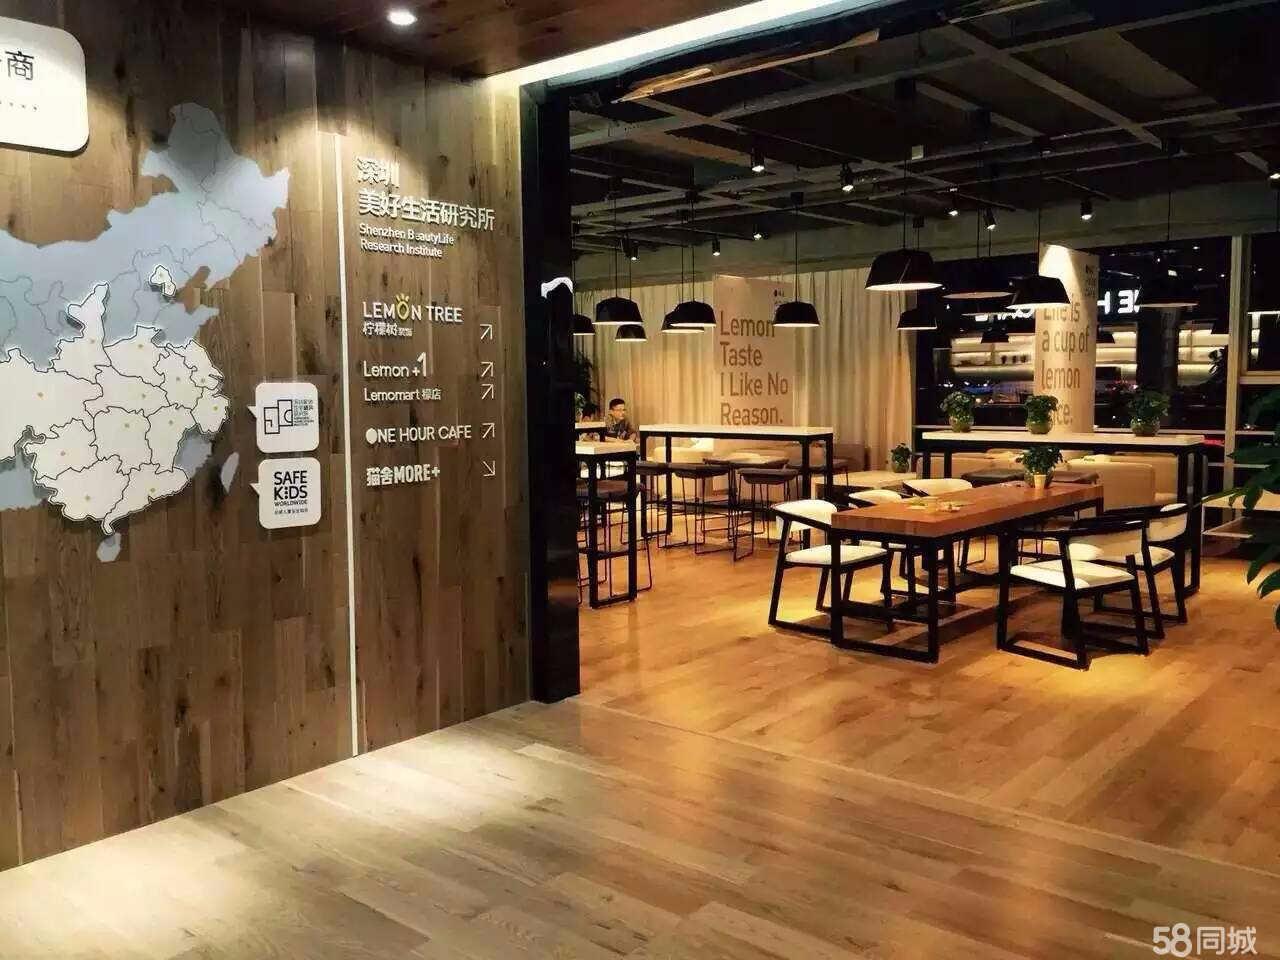 深圳分公司深圳市柠檬树装饰设计工程有限公司,设立新品牌柠檬树 1和